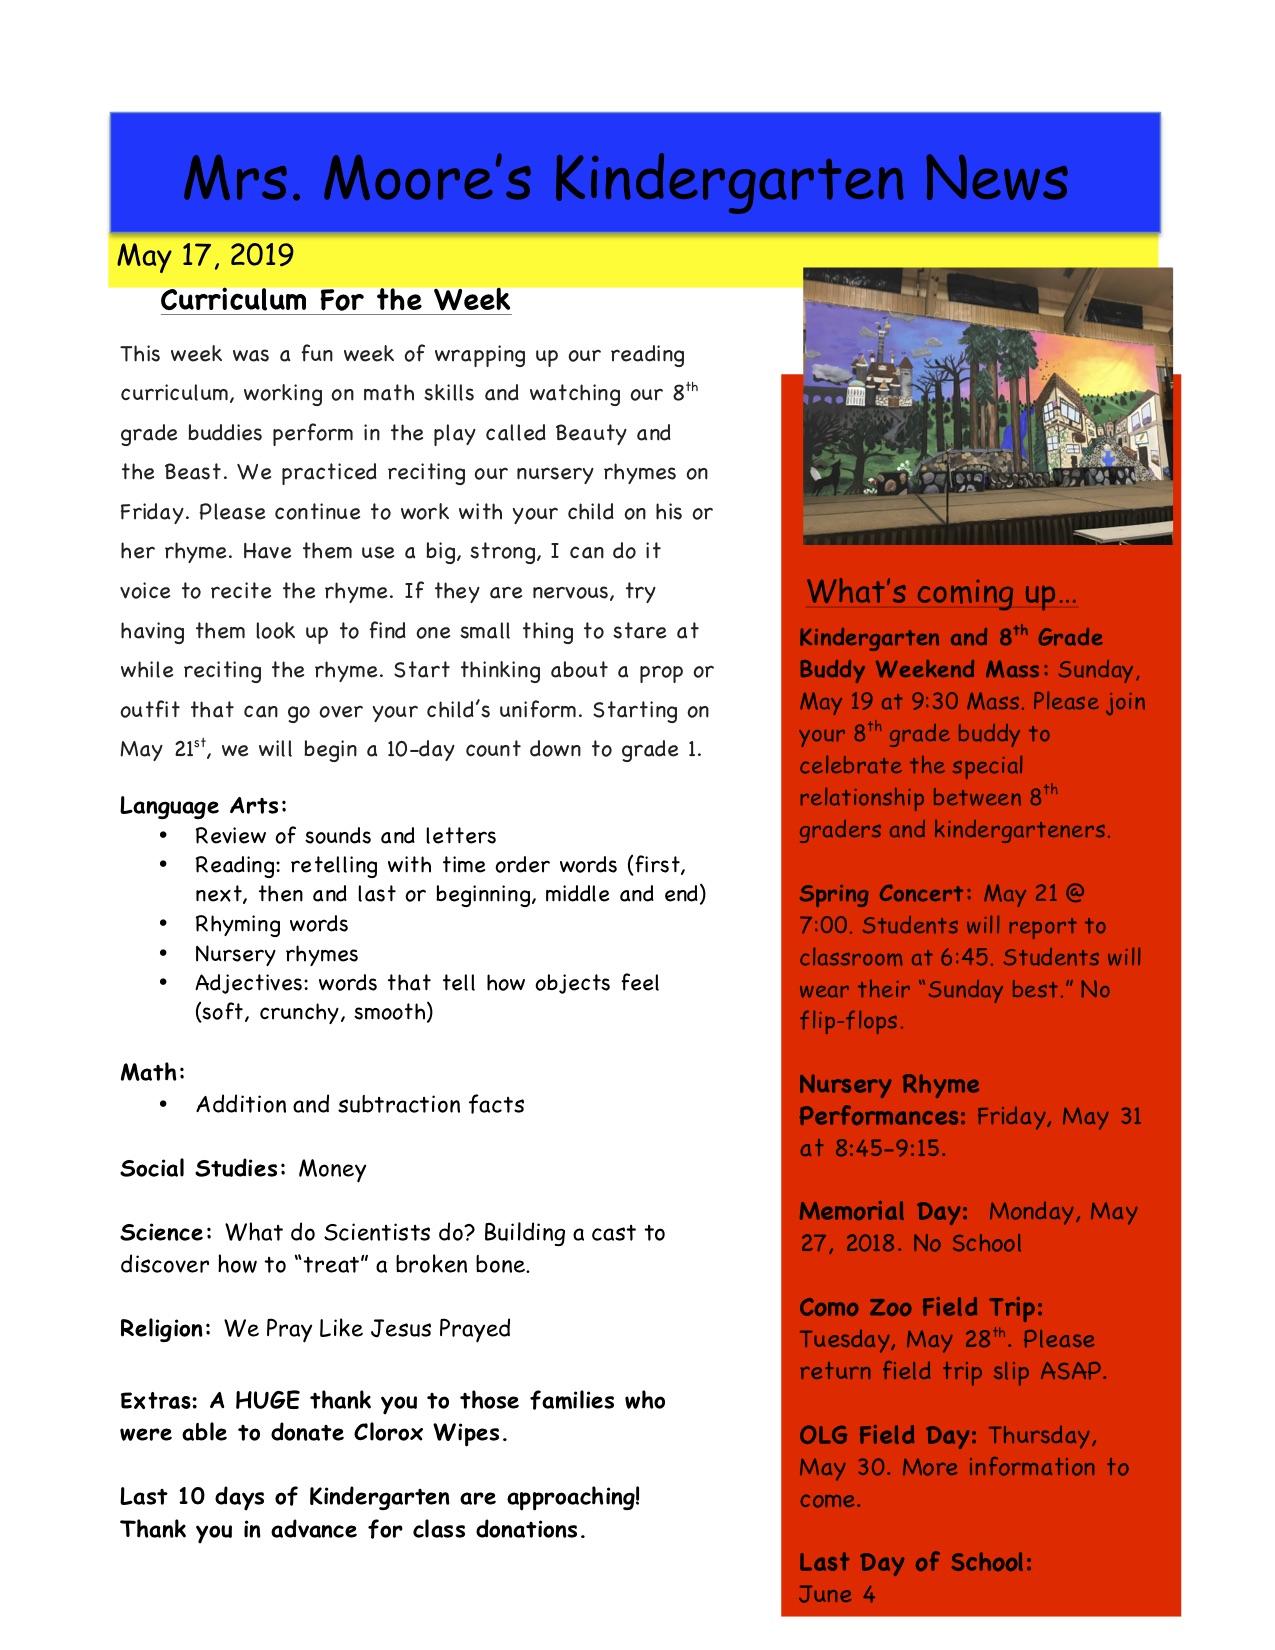 MooreNewsletter 5-17-19.jpg